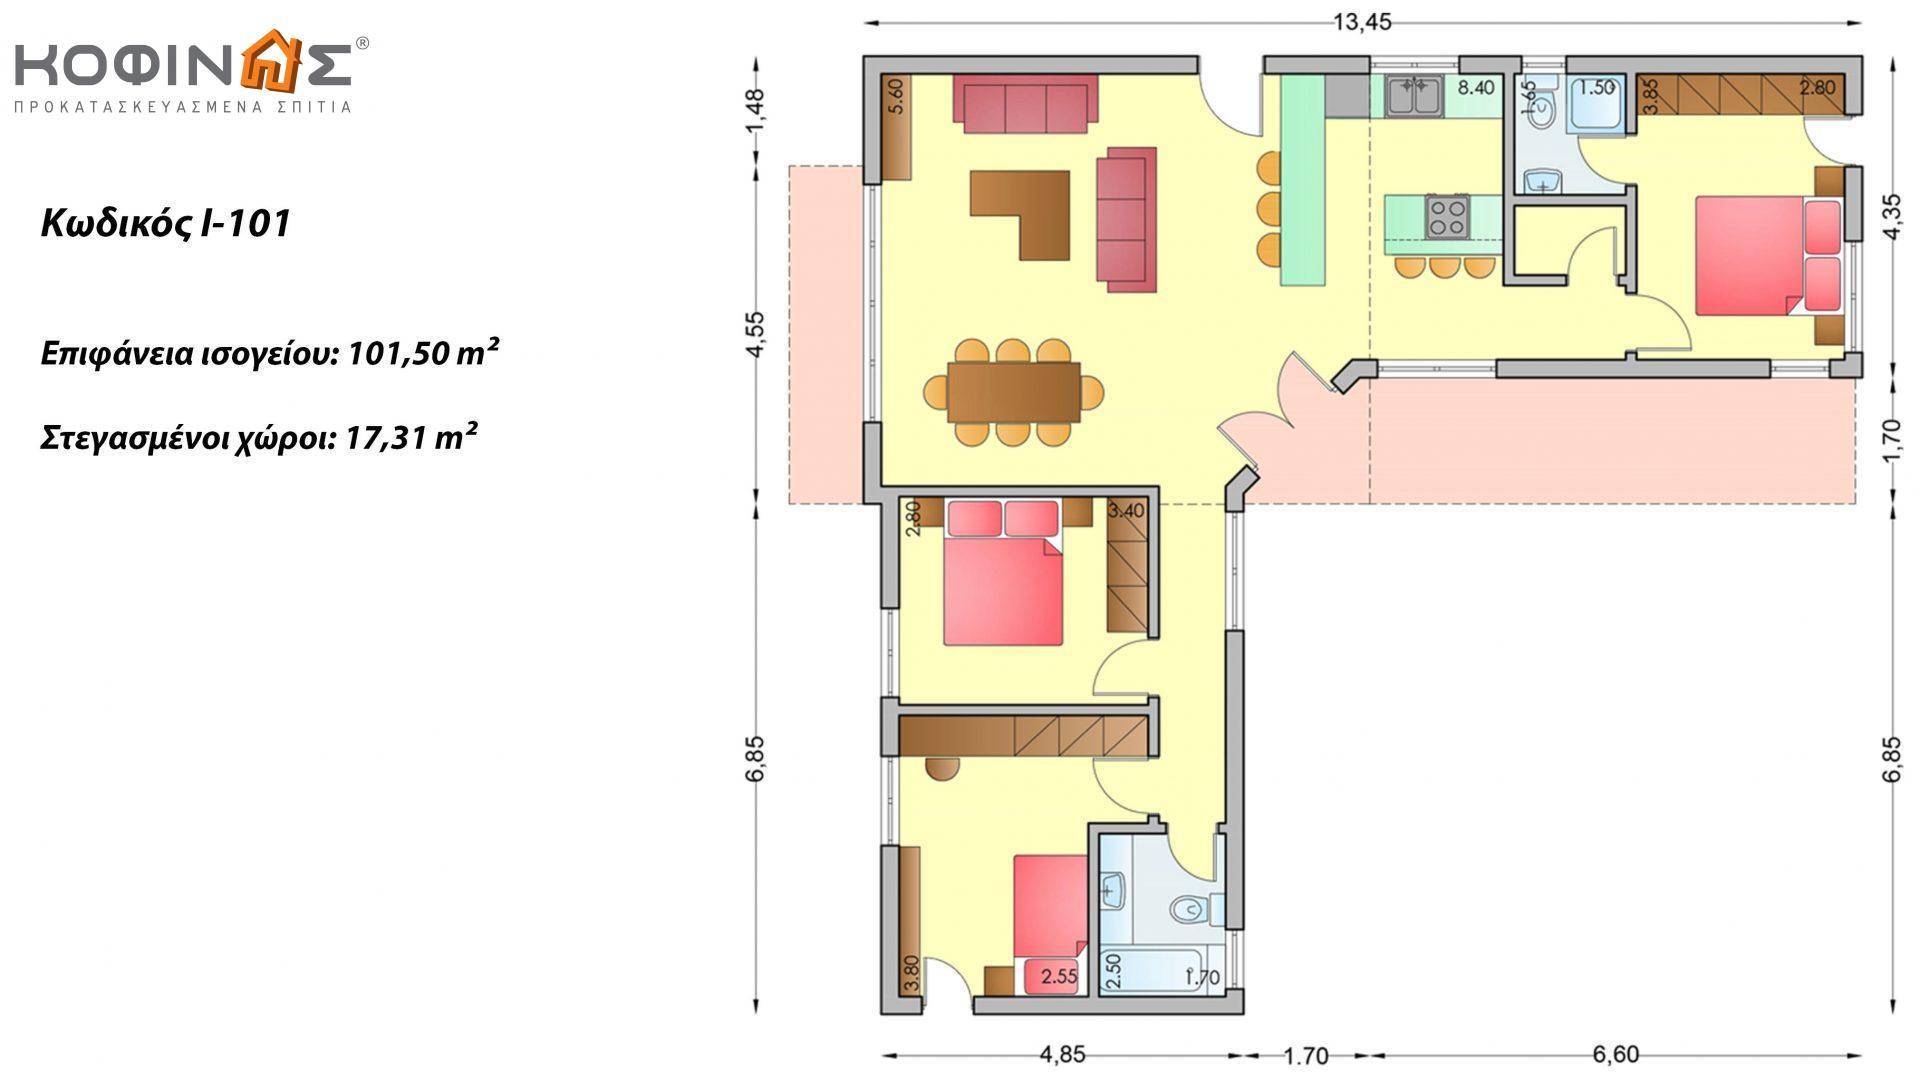 Ισόγεια Κατοικία I-101 συνολικής επιφάνειας 101,50 τ.μ., στεγασμένοι χώροι 17,31 τ.μ